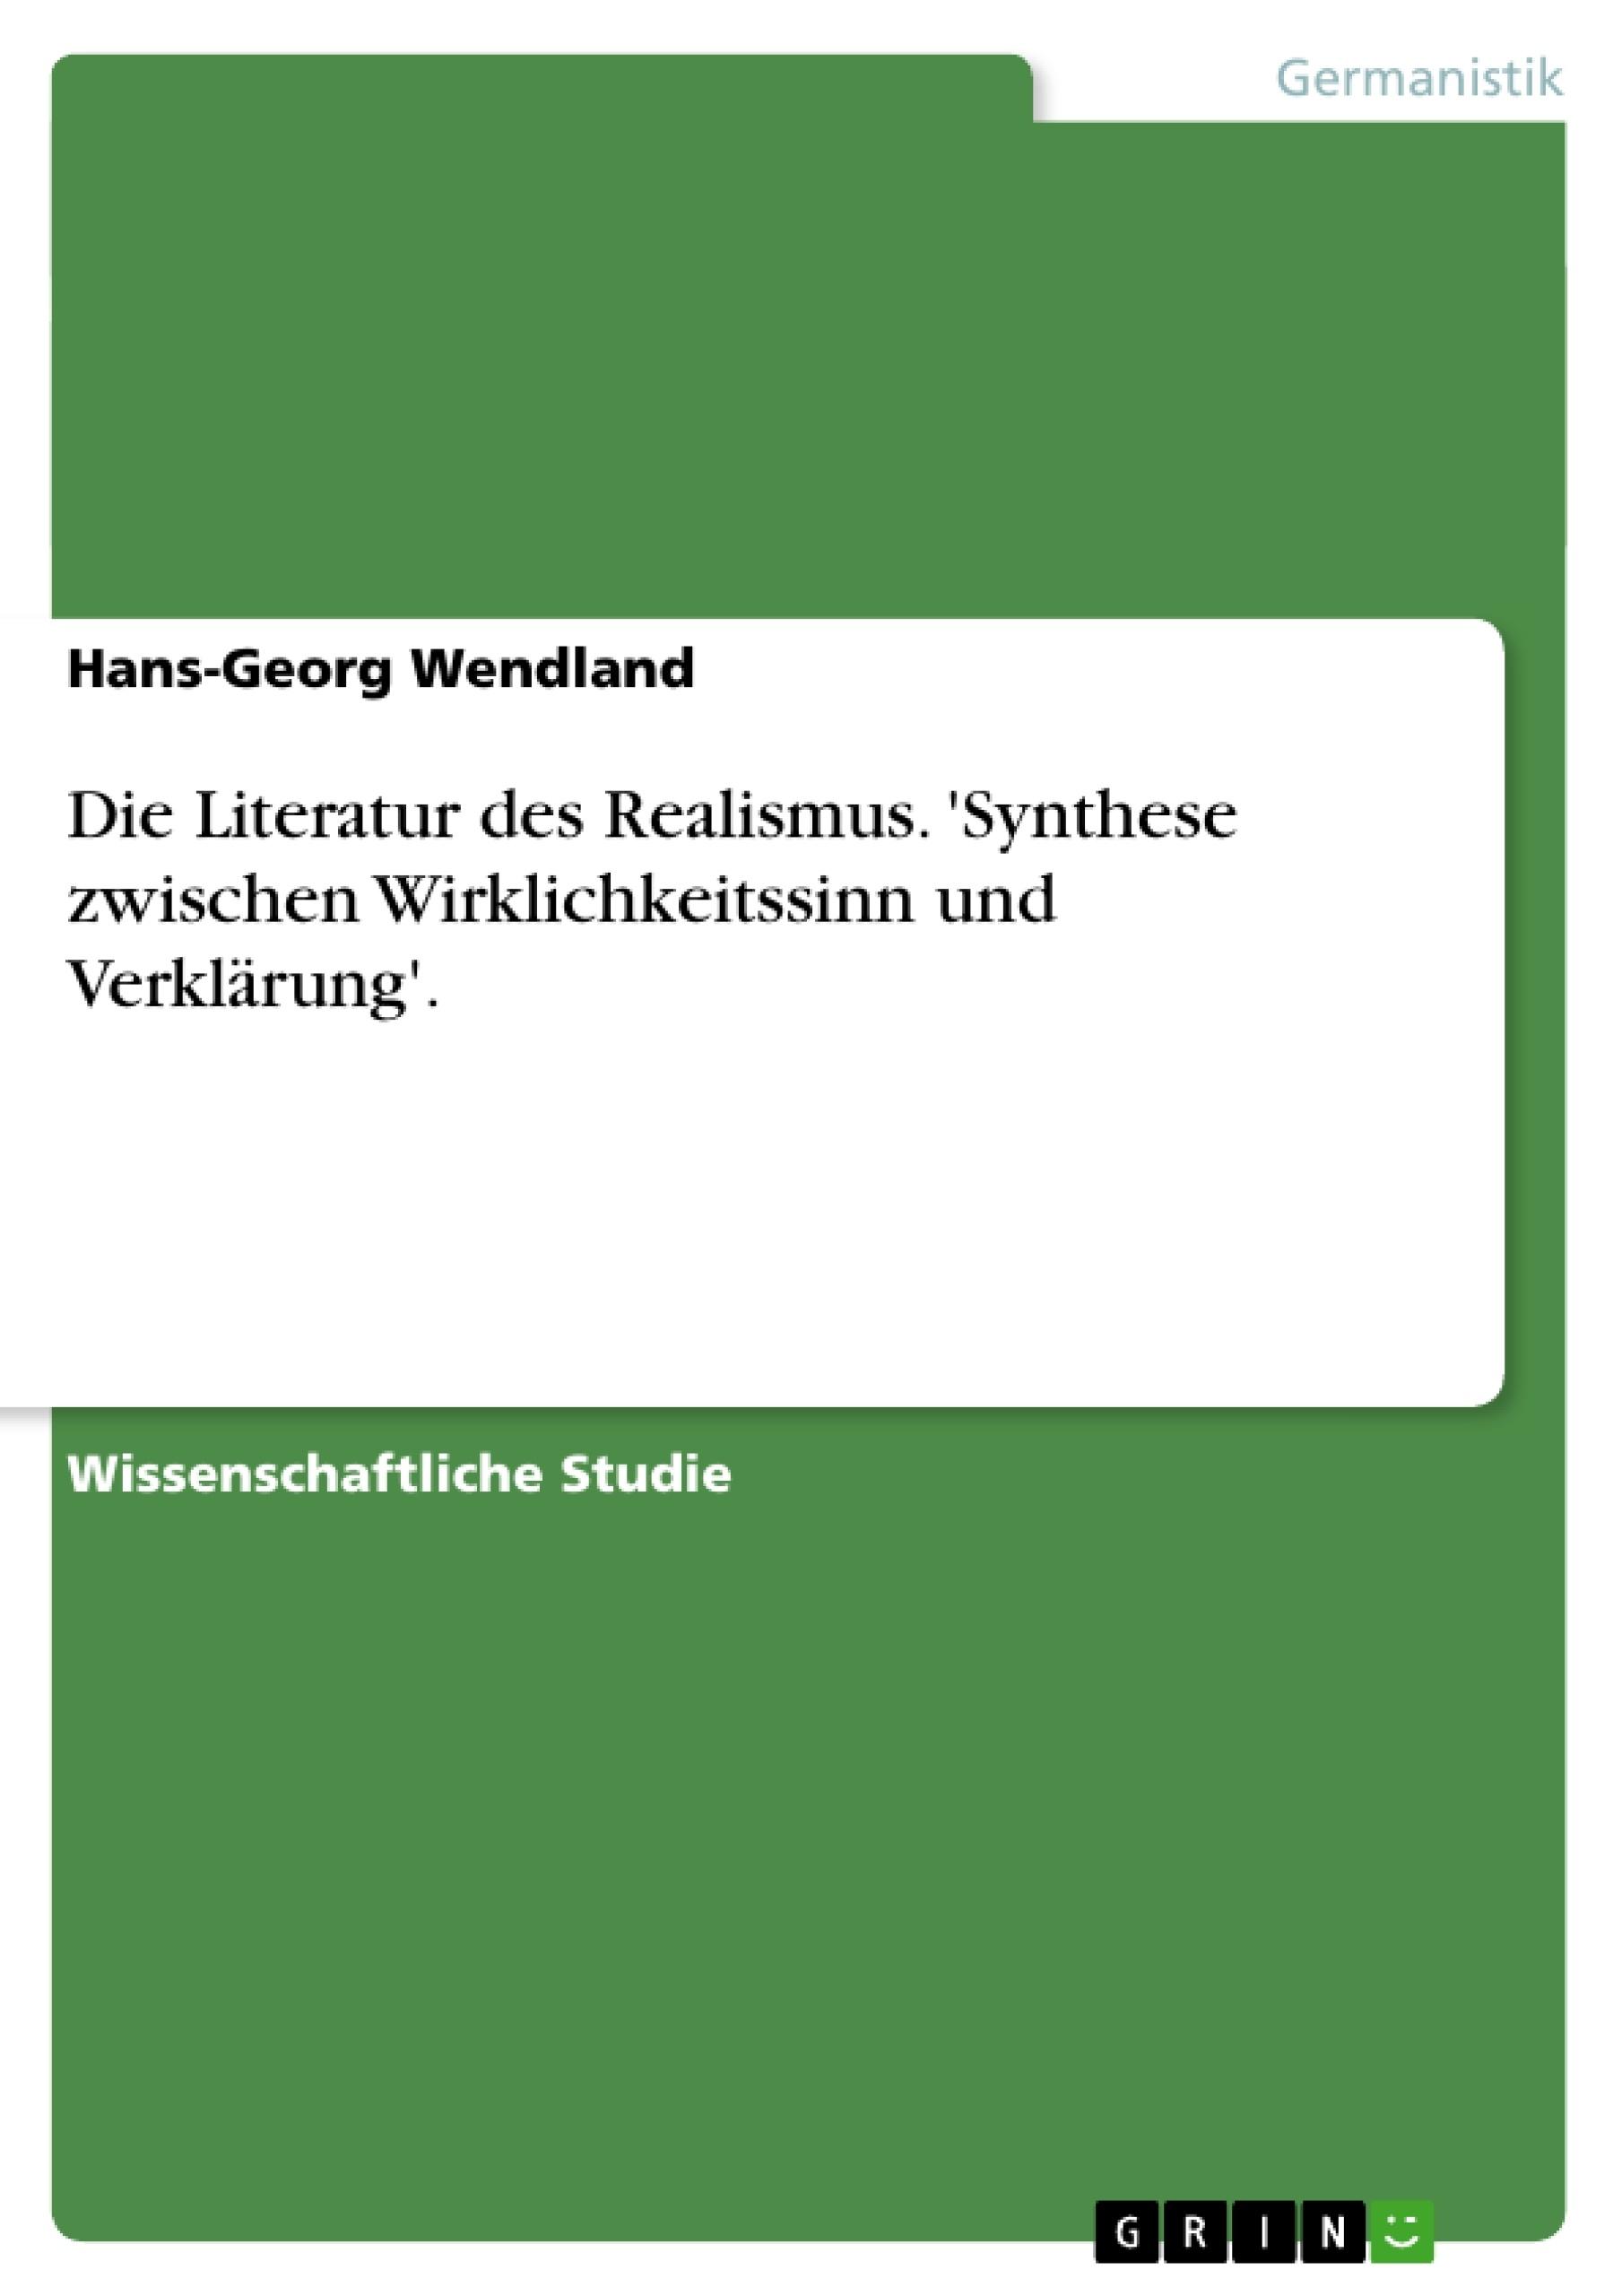 Titel: Die Literatur des Realismus. 'Synthese zwischen Wirklichkeitssinn und Verklärung'.